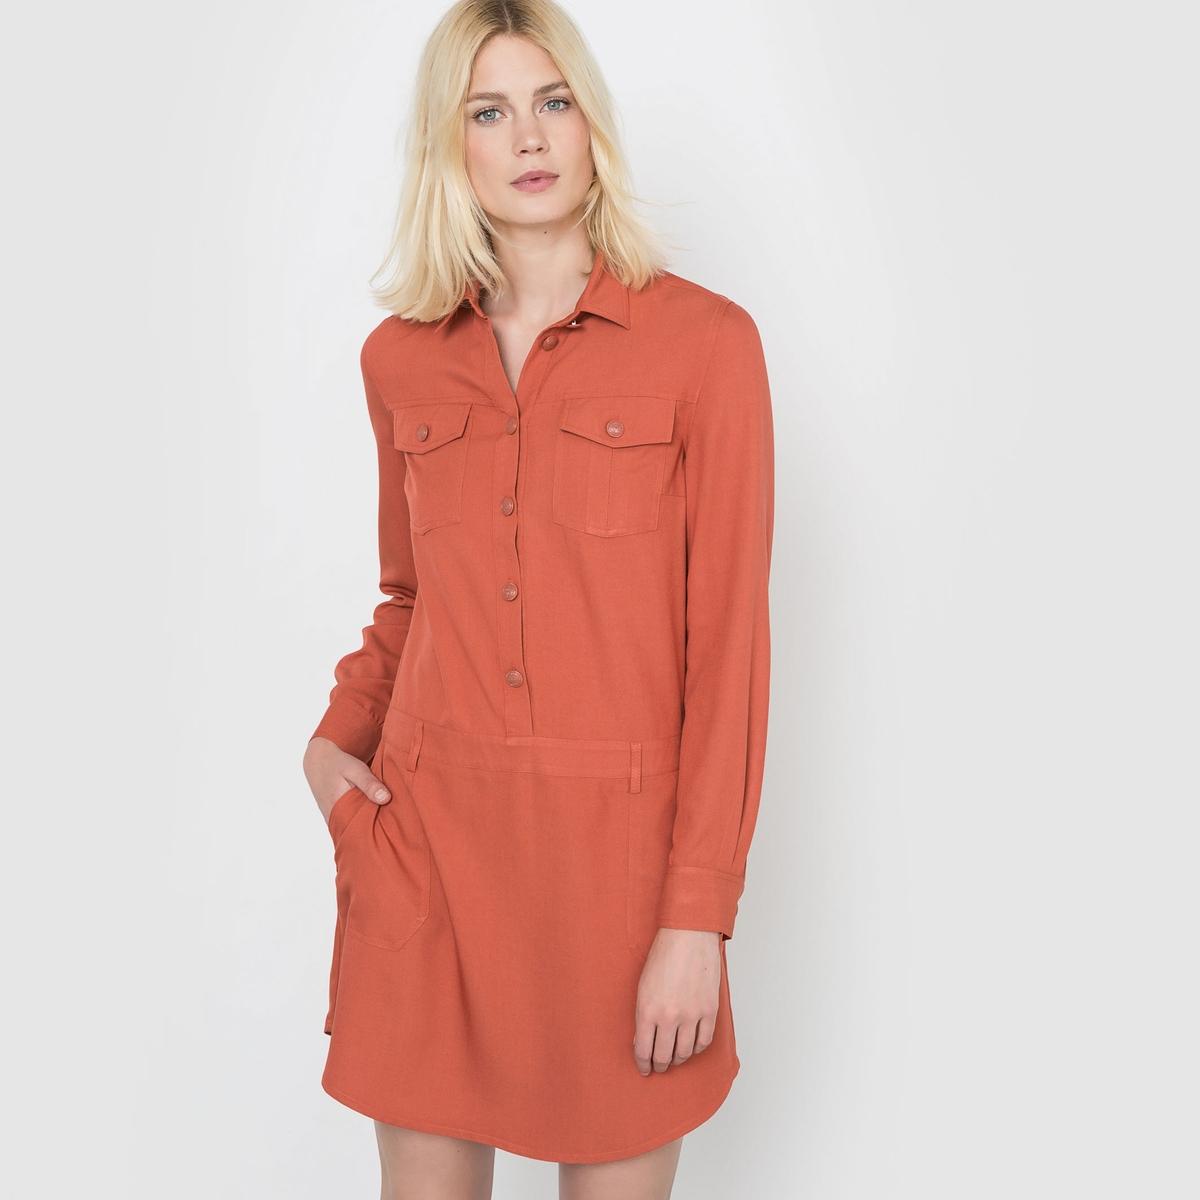 Платье-рубашкаОтрезная талия со шлевками для ремешка . 2 больших накладных кармана. Слегка закругленный низ.   Состав и описаниеМатериал : 65% вискозы, 35% полиэстера.Длина : 90 смМарка : R studio.Уход:Машинная стирка при 30 °C в деликатном режимеСтирать с вещами схожих цветовЗапрещено отбеливаниеГладить при средней температуреСухая (химическая) чистка запрещенаМашинная сушка запрещена<br><br>Цвет: красный/ кирпичный,черный<br>Размер: 38 (FR) - 44 (RUS).46 (FR) - 52 (RUS)